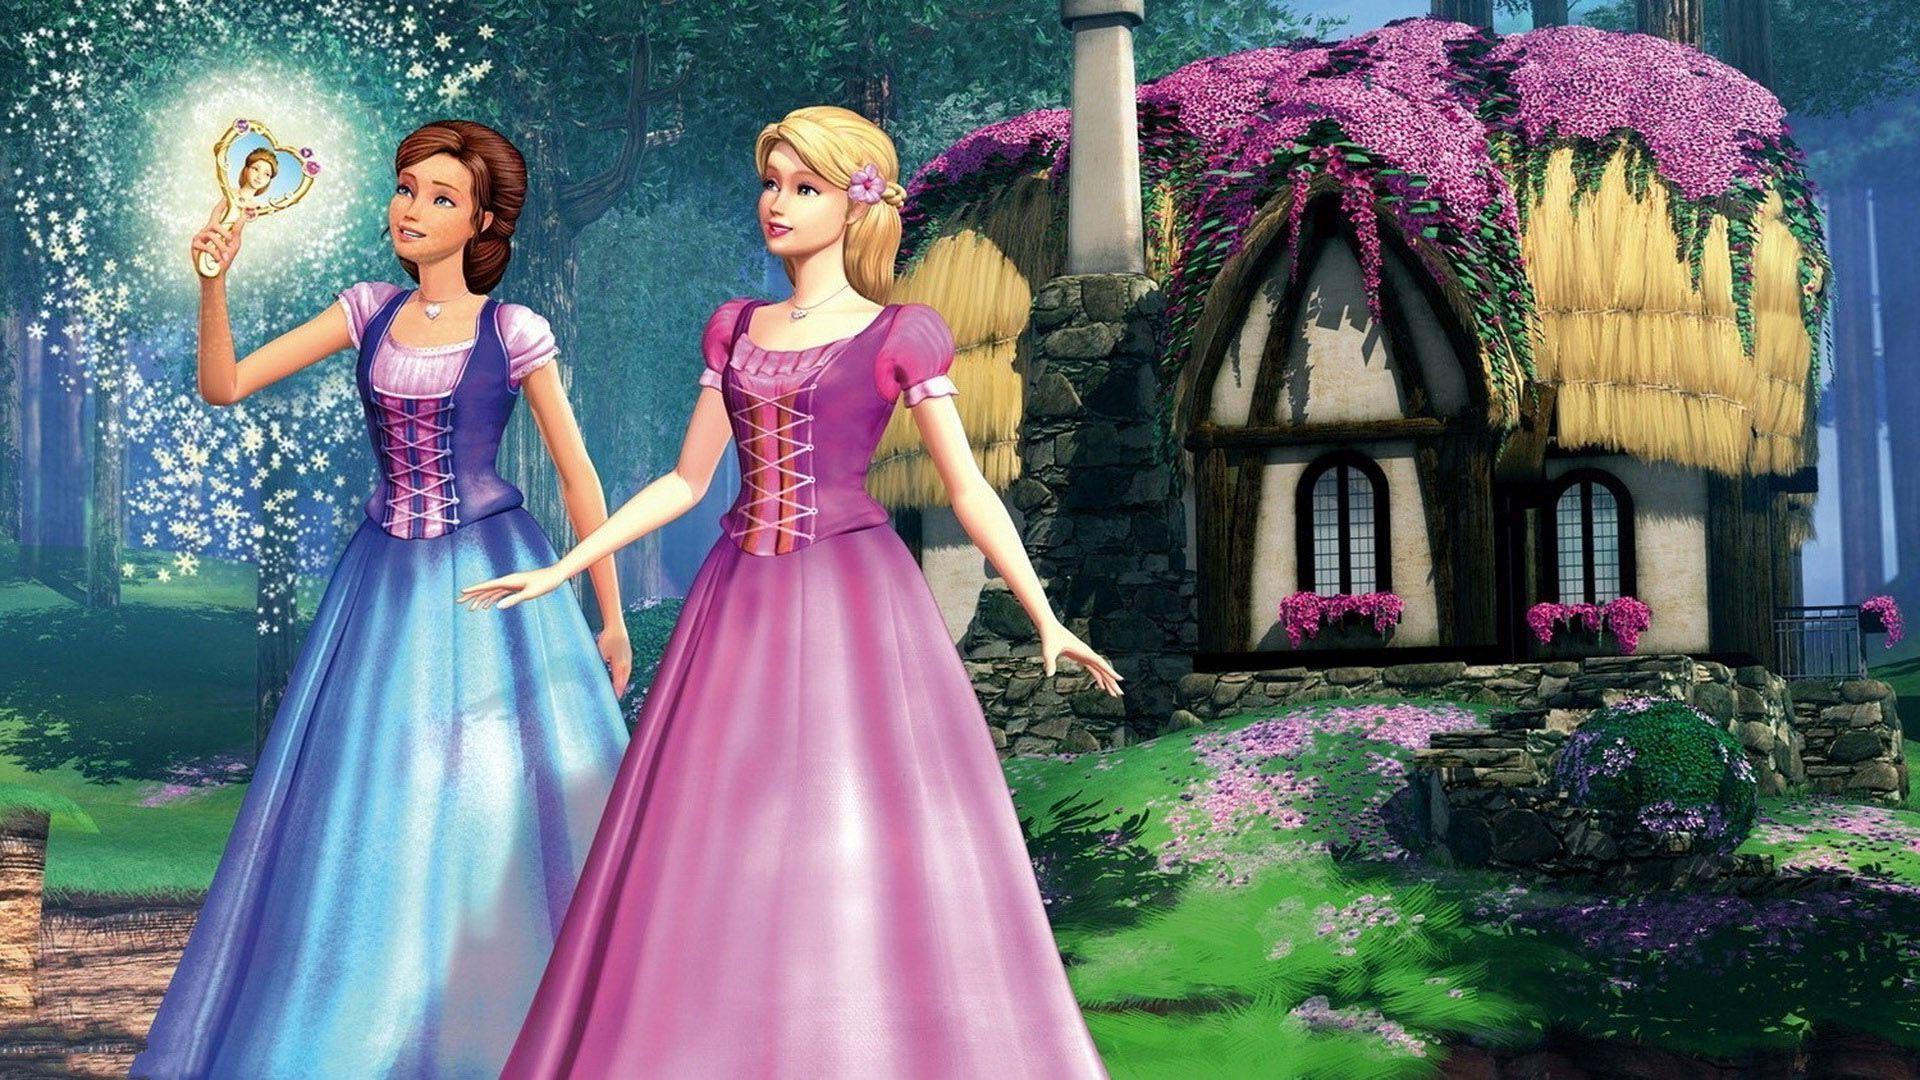 Cute Barbie Doll Wallpaper Images Barbie Tapeta Hd Tło 1920x1080 Id 526586 Wallpaper